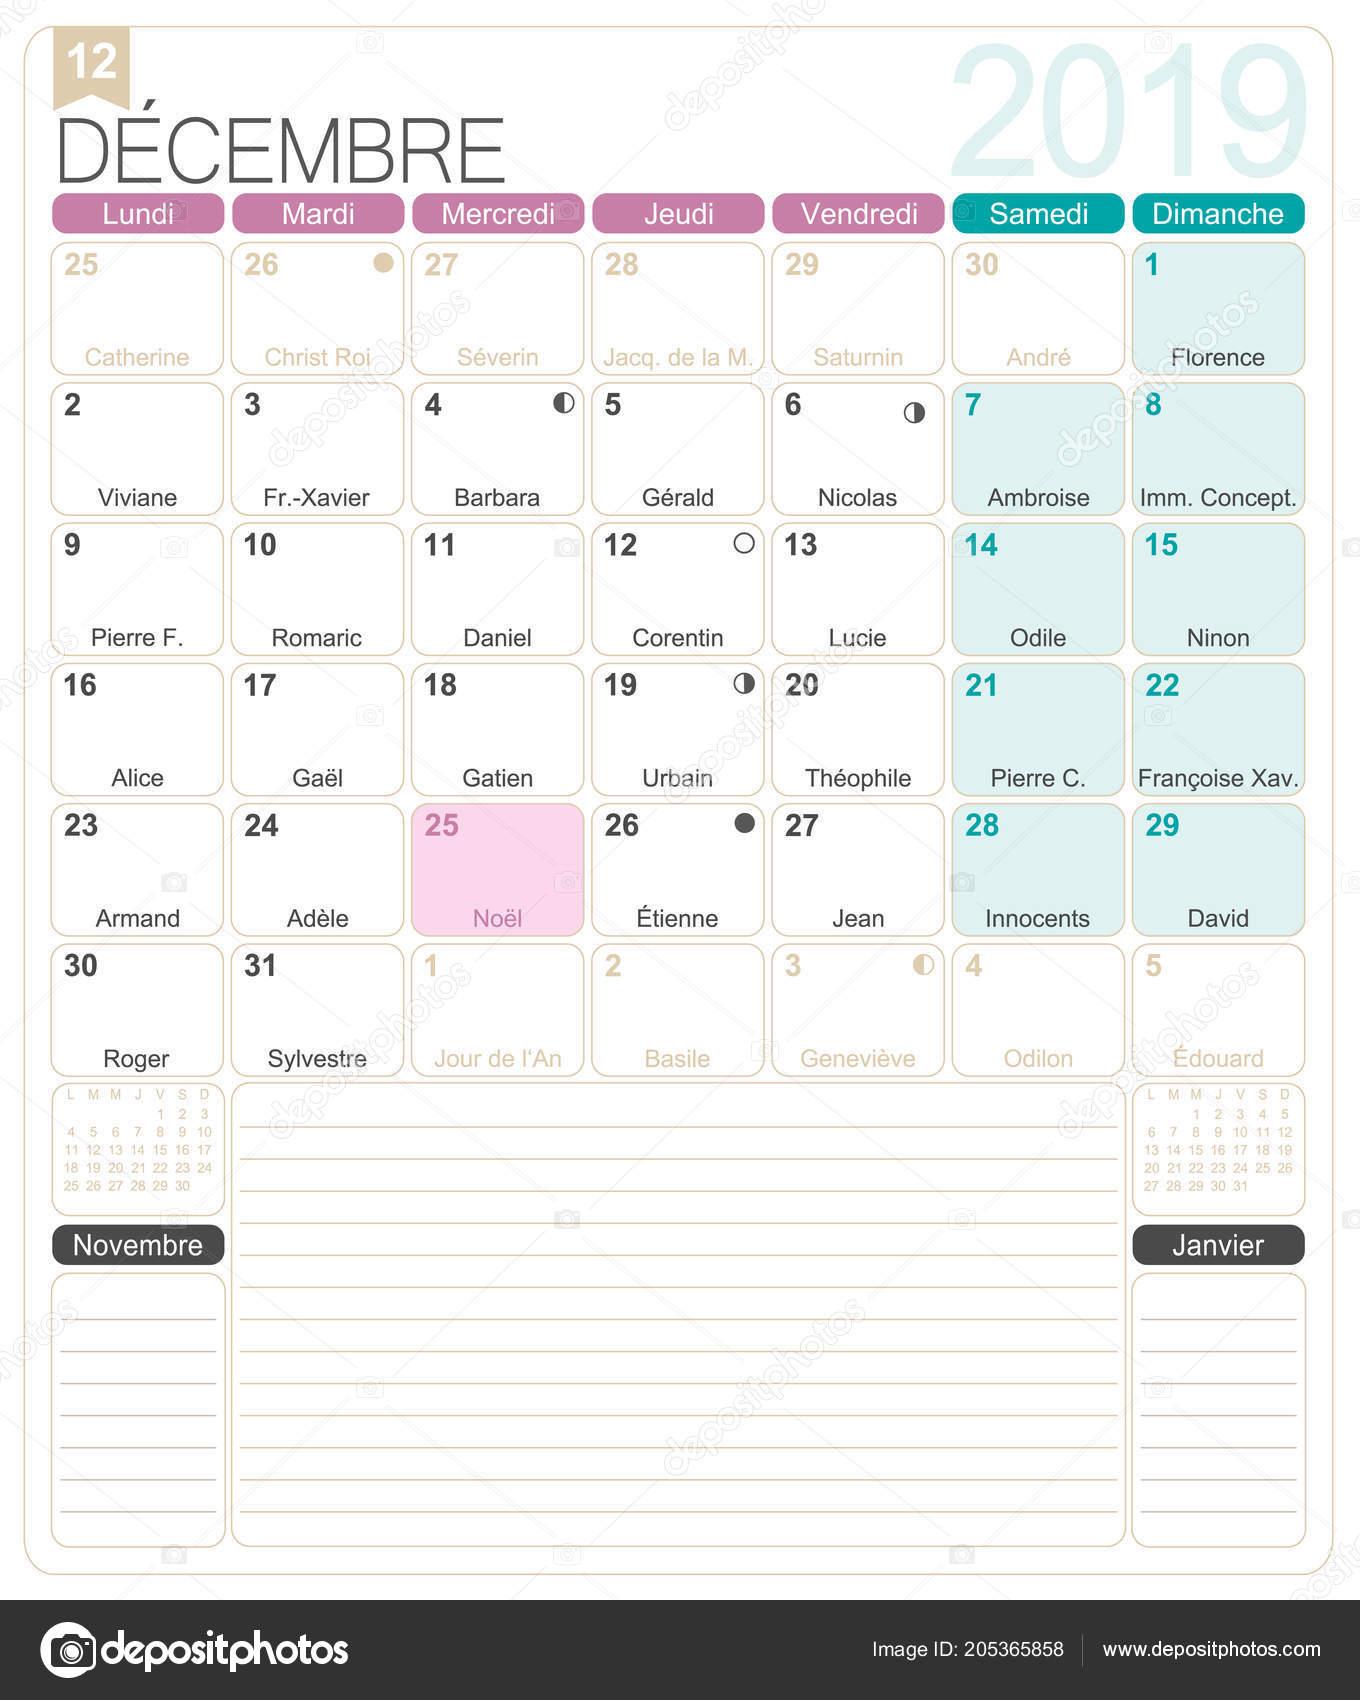 Calendario Dicembre 2019 Stampabile.Calendario Francese 2019 Dicembre 2019 Modello Calendario